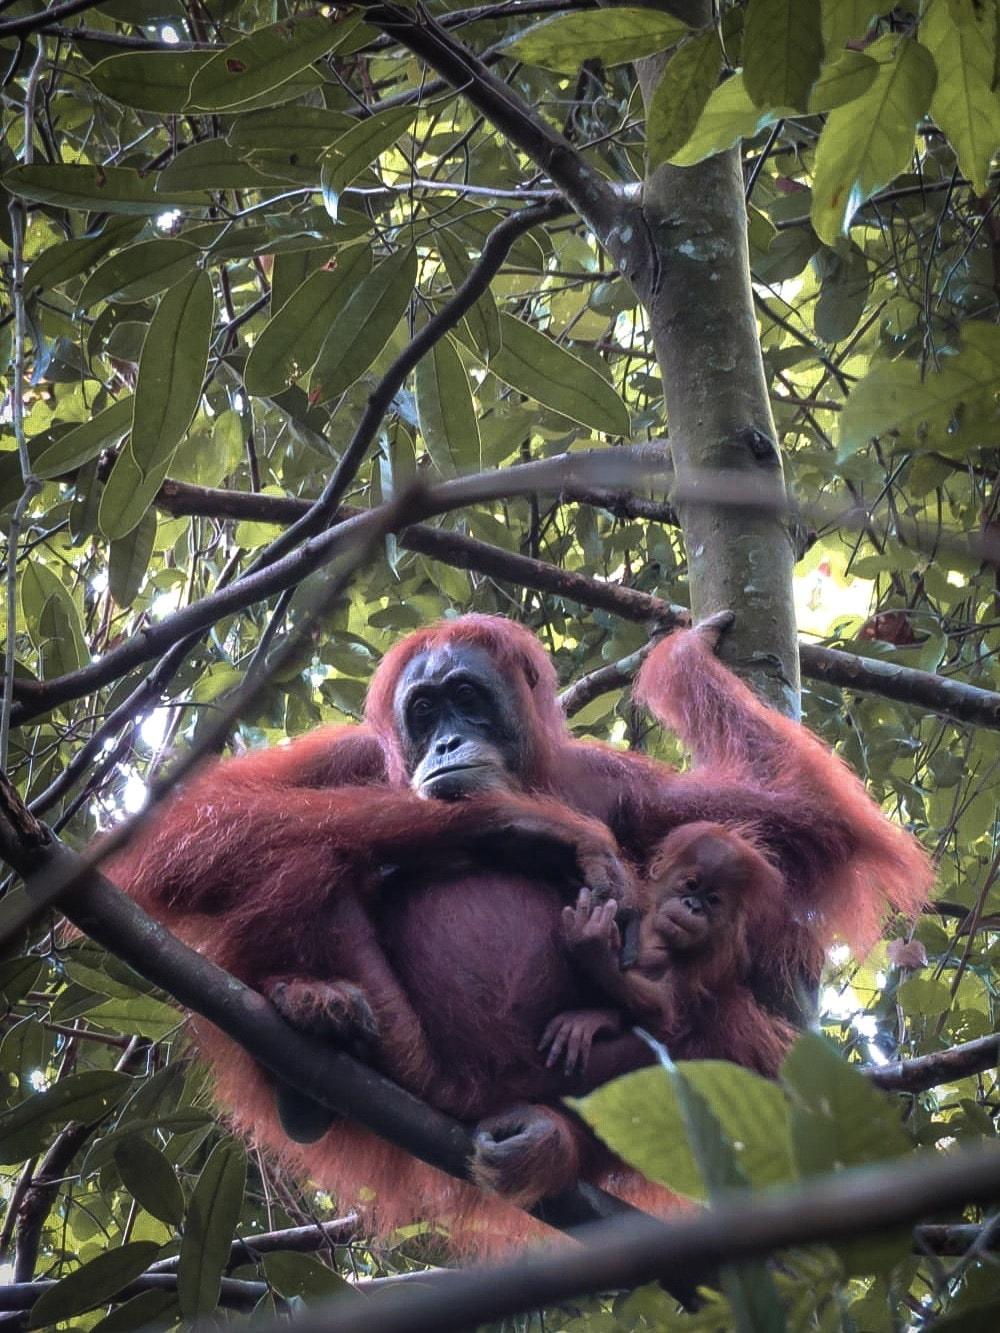 bukit lawang orangutan